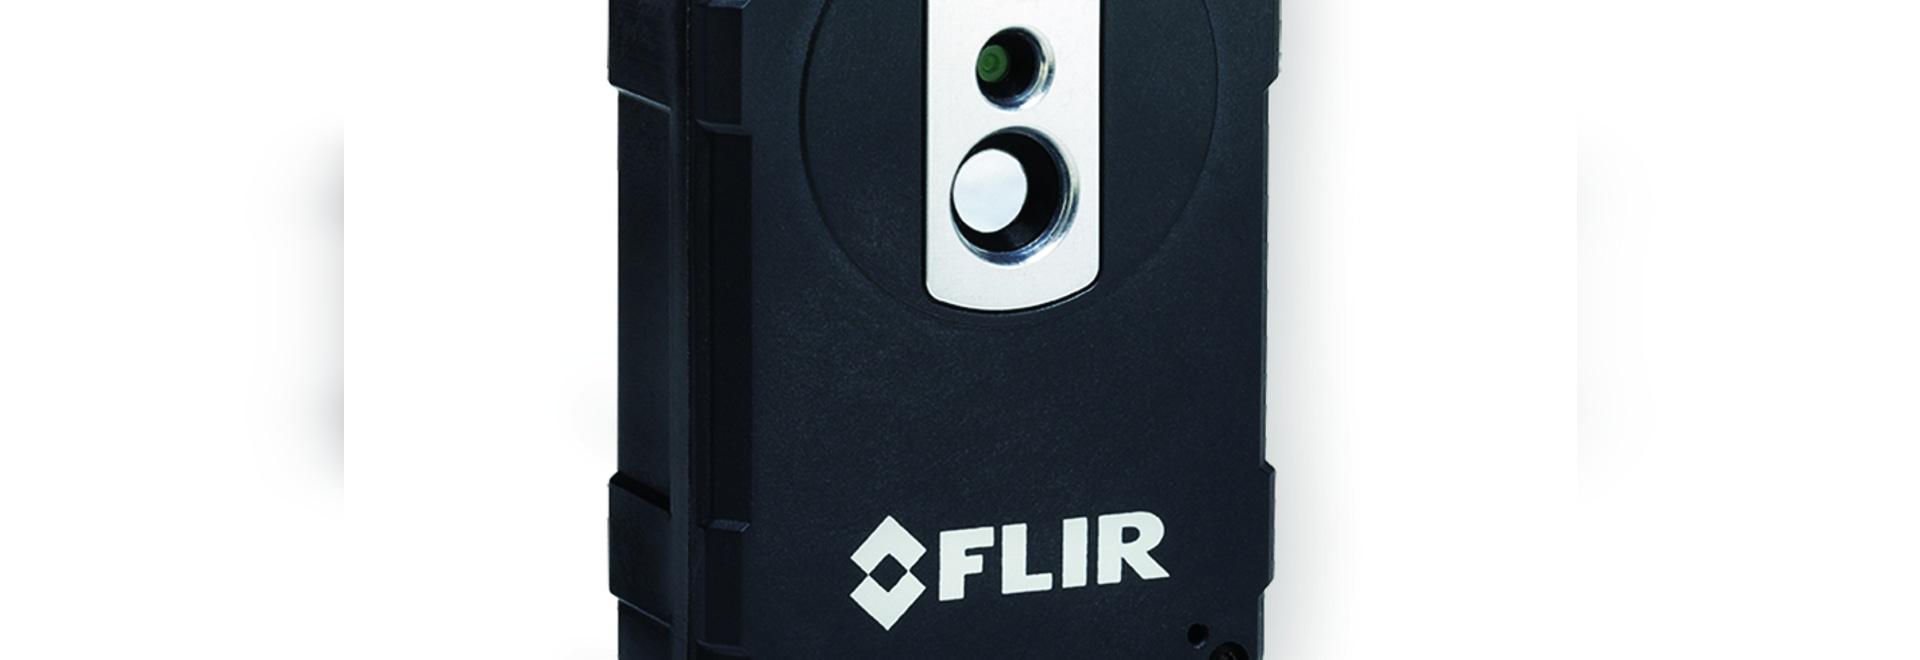 Sensor de la toma de imágenes térmica del FLIR AX8